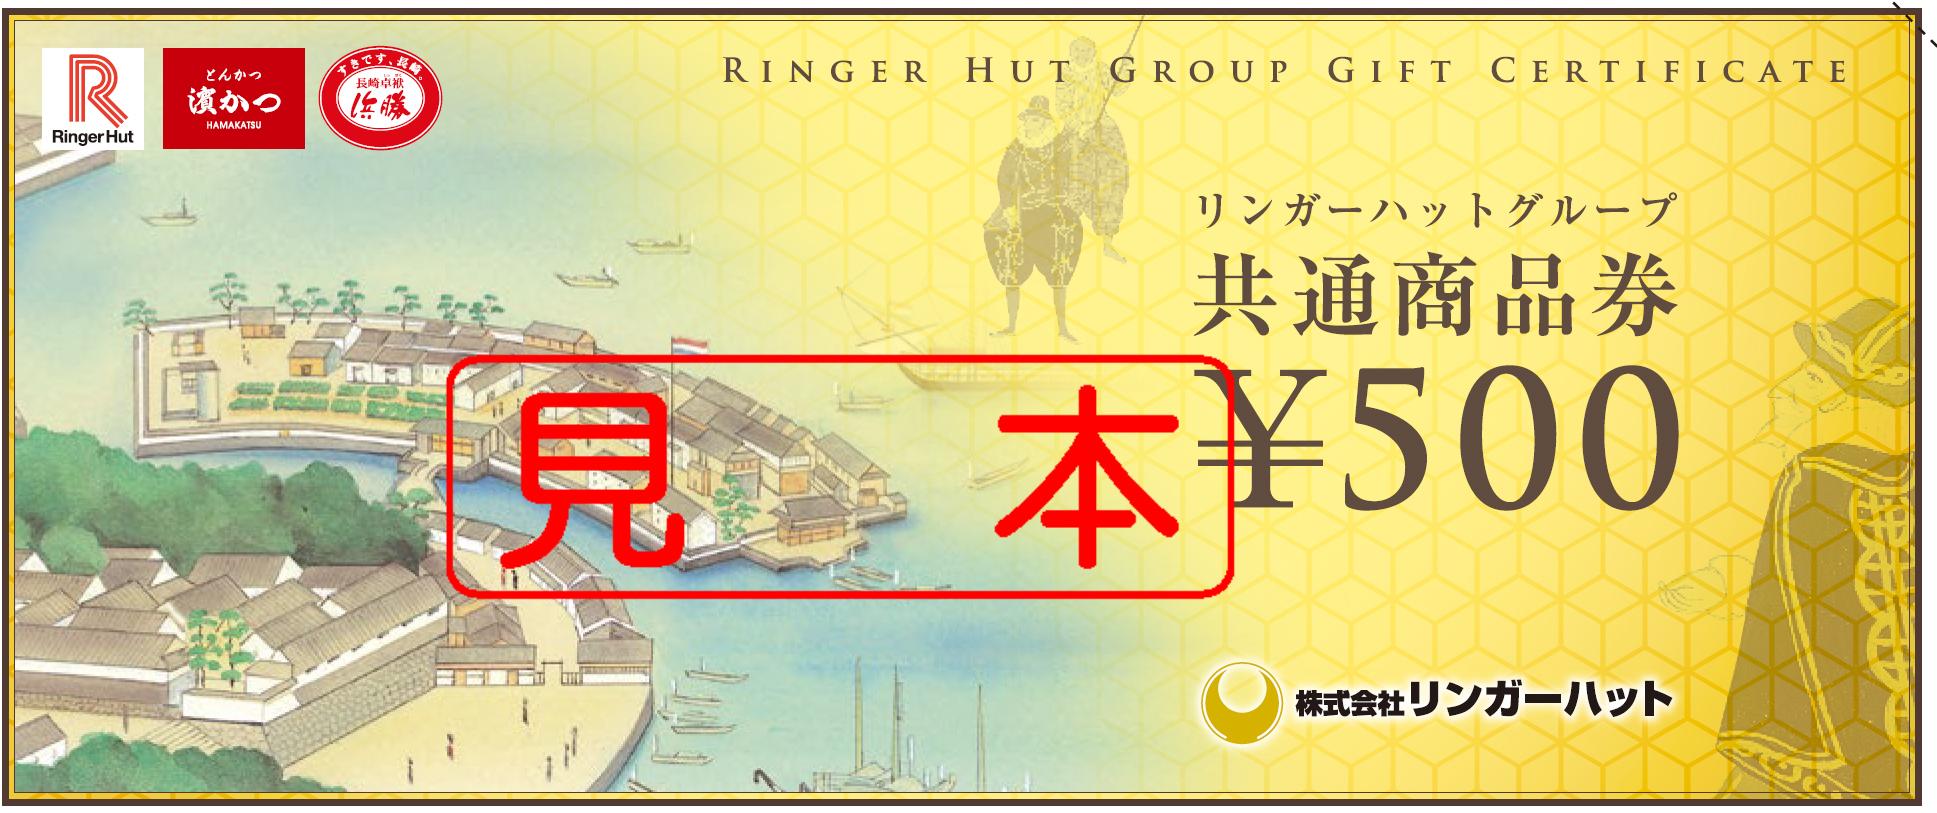 リンガーハットグループ共通商品券40枚